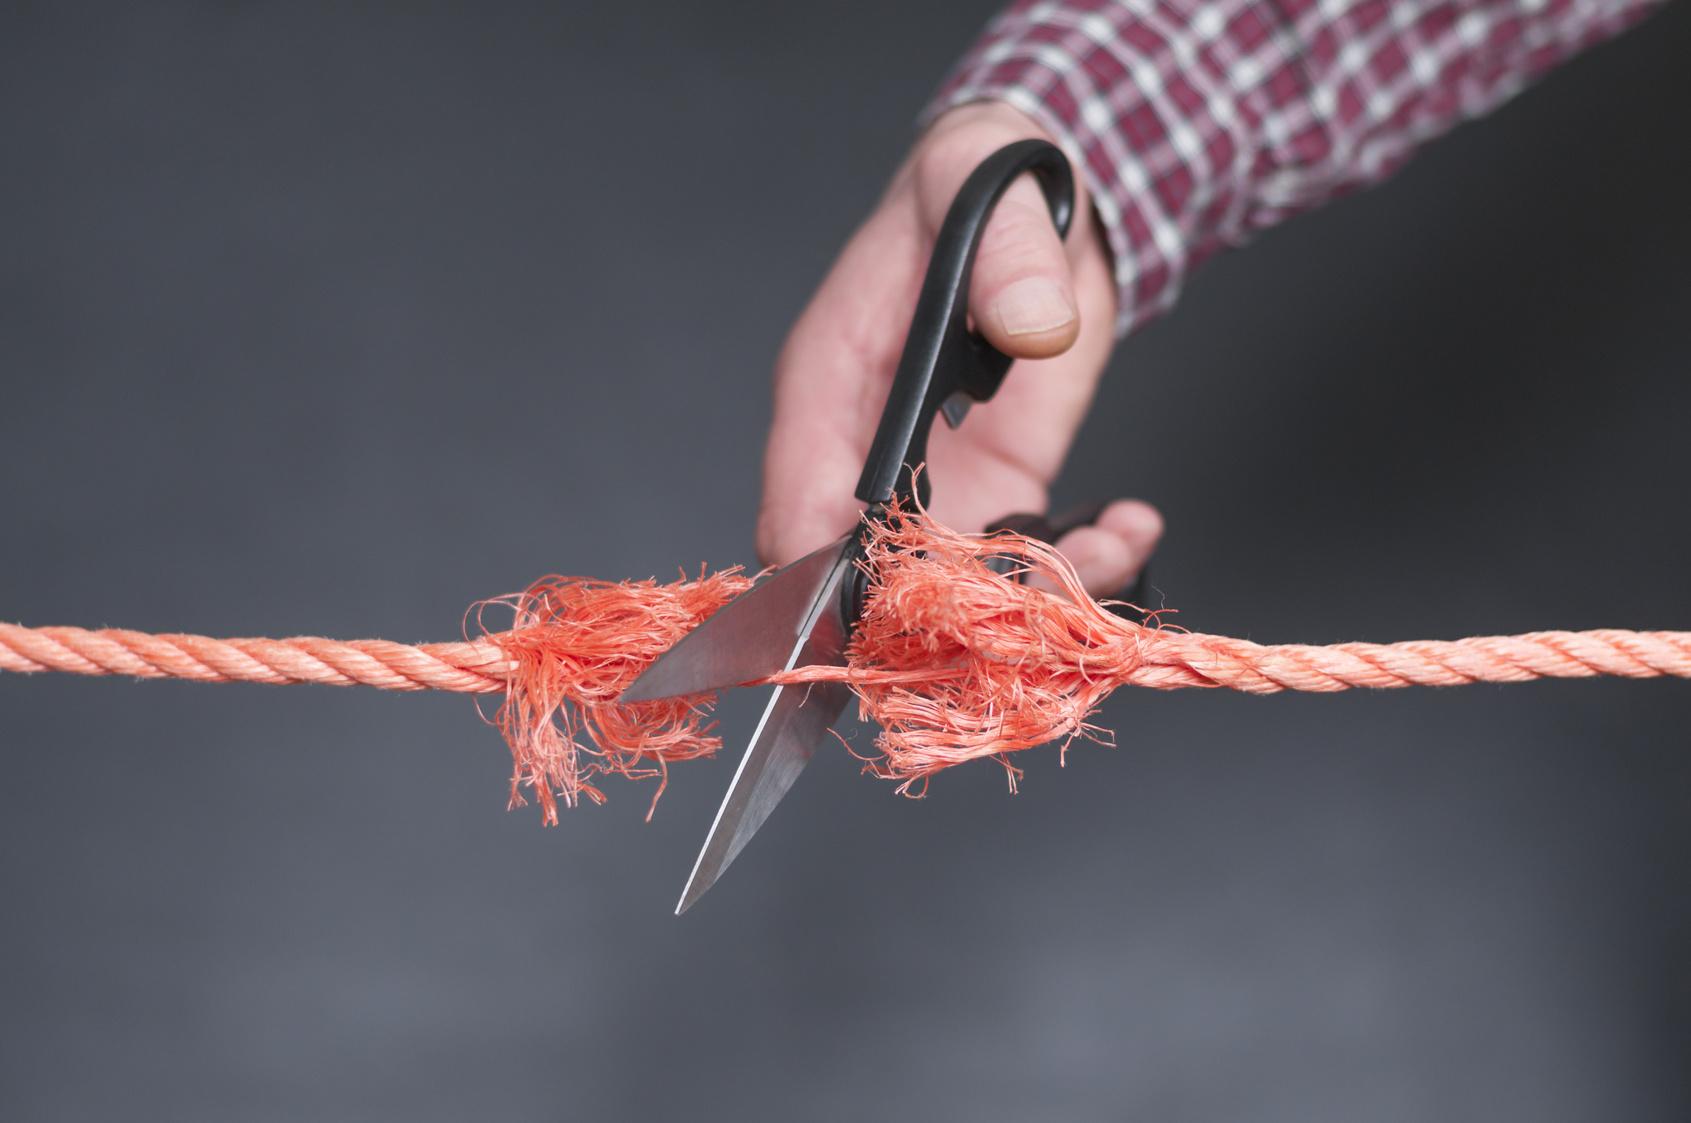 Rotes Seil wird zerschnitten / Rotes Seil wird mit einer Schere zerschnitten.